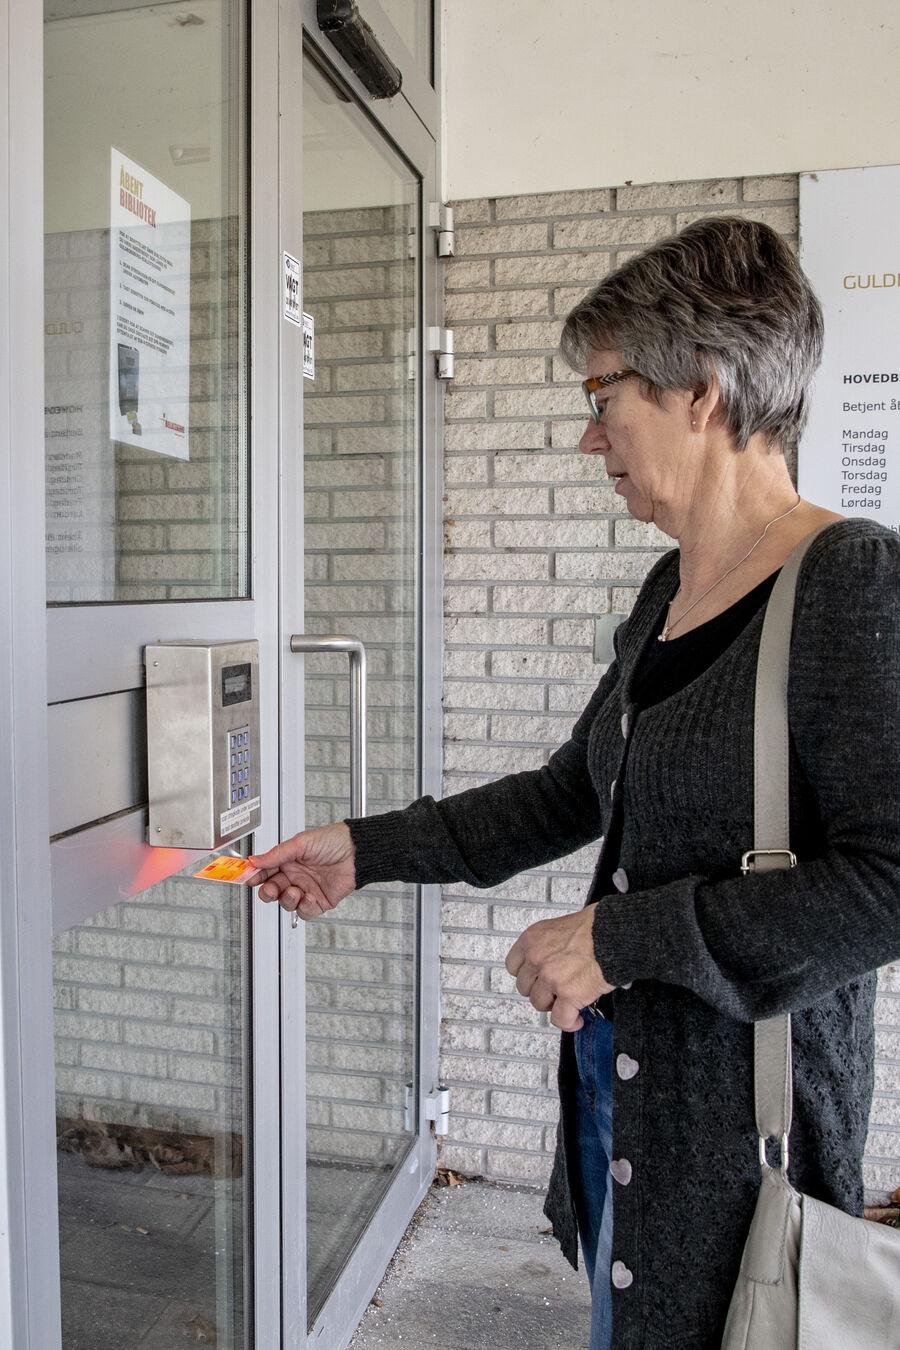 Mandag den 10. august åbner vi igen op for åbent bibliotek i hverdagene